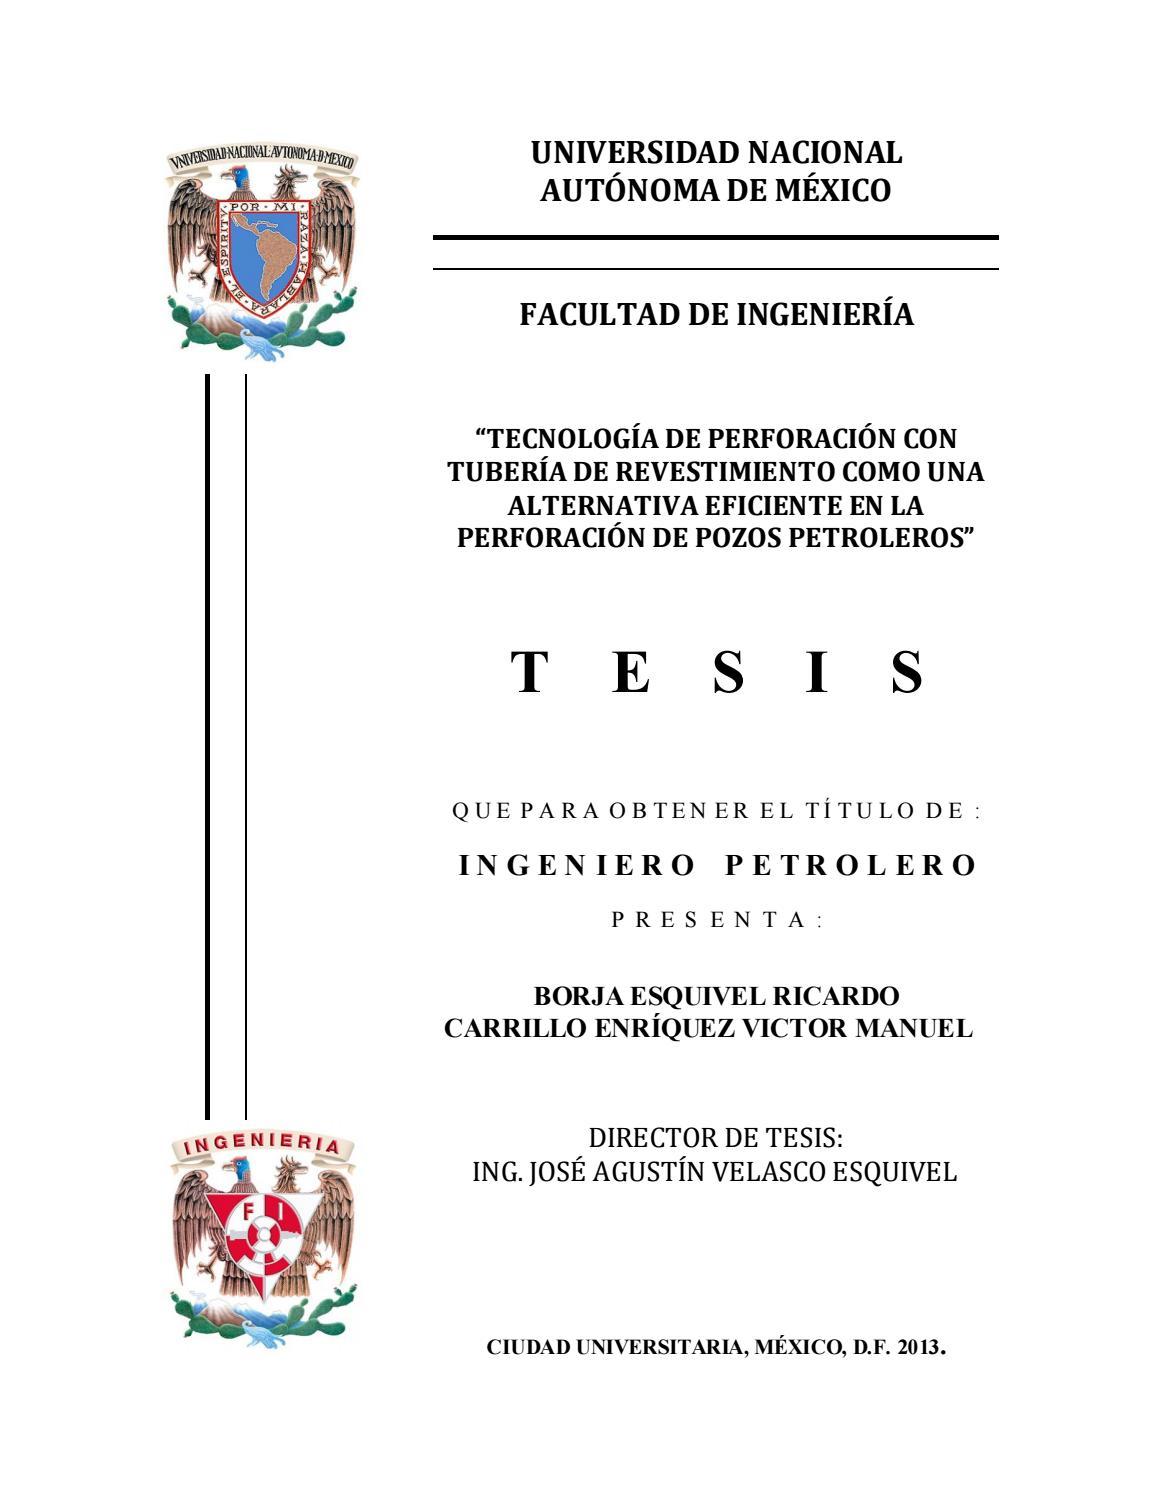 Tesislista by Rhuddy Rodrigo Galvez Terrazas - issuu